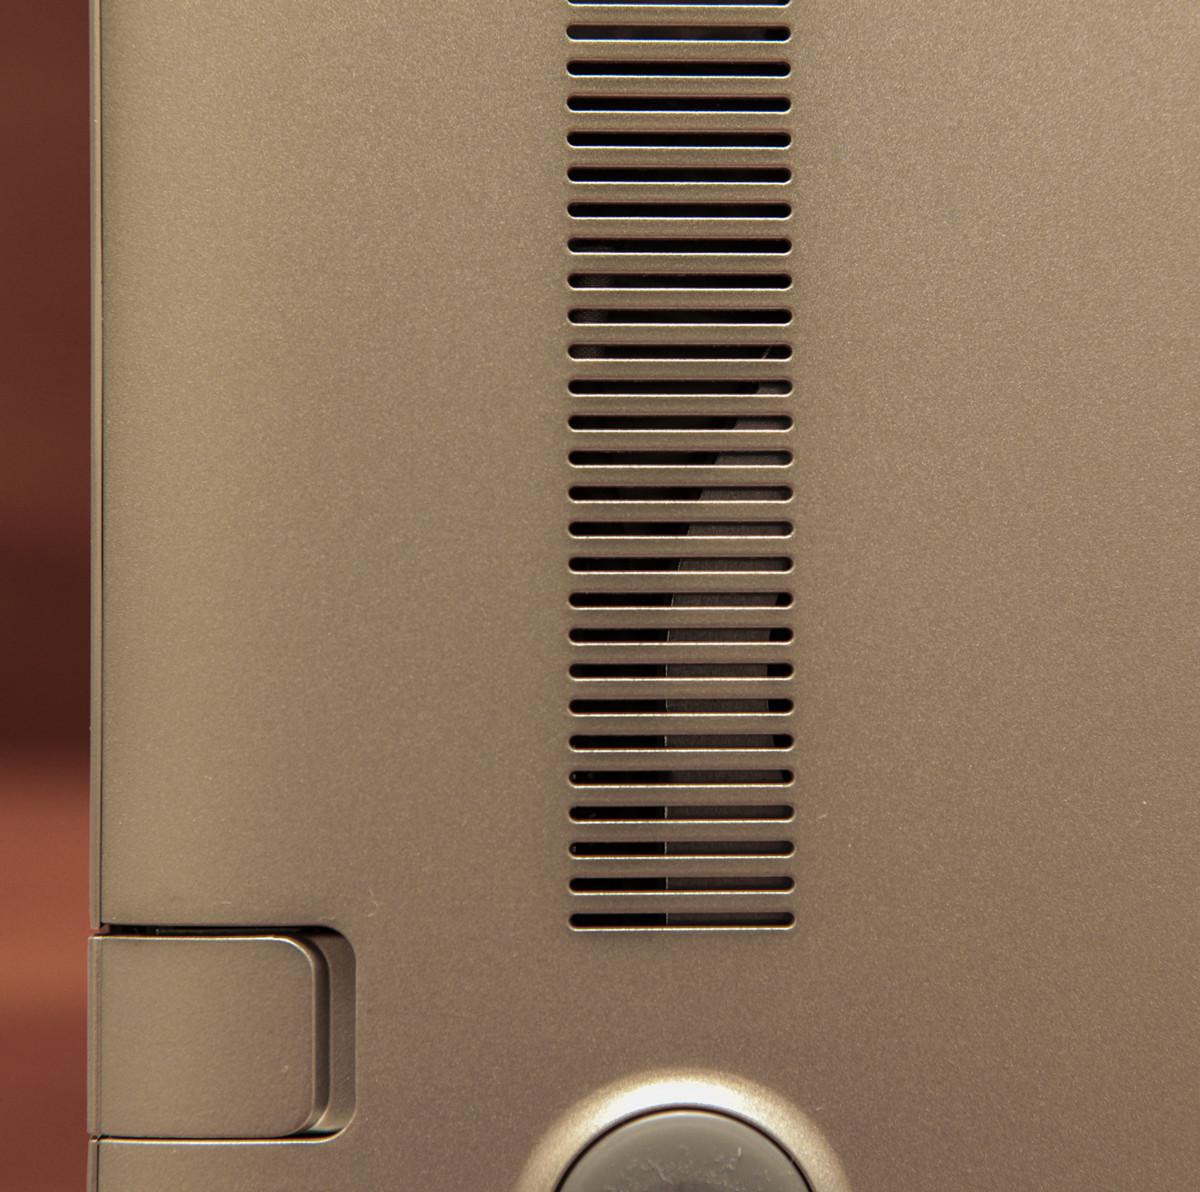 Обзор ноутбука ASUS N580VD - 24